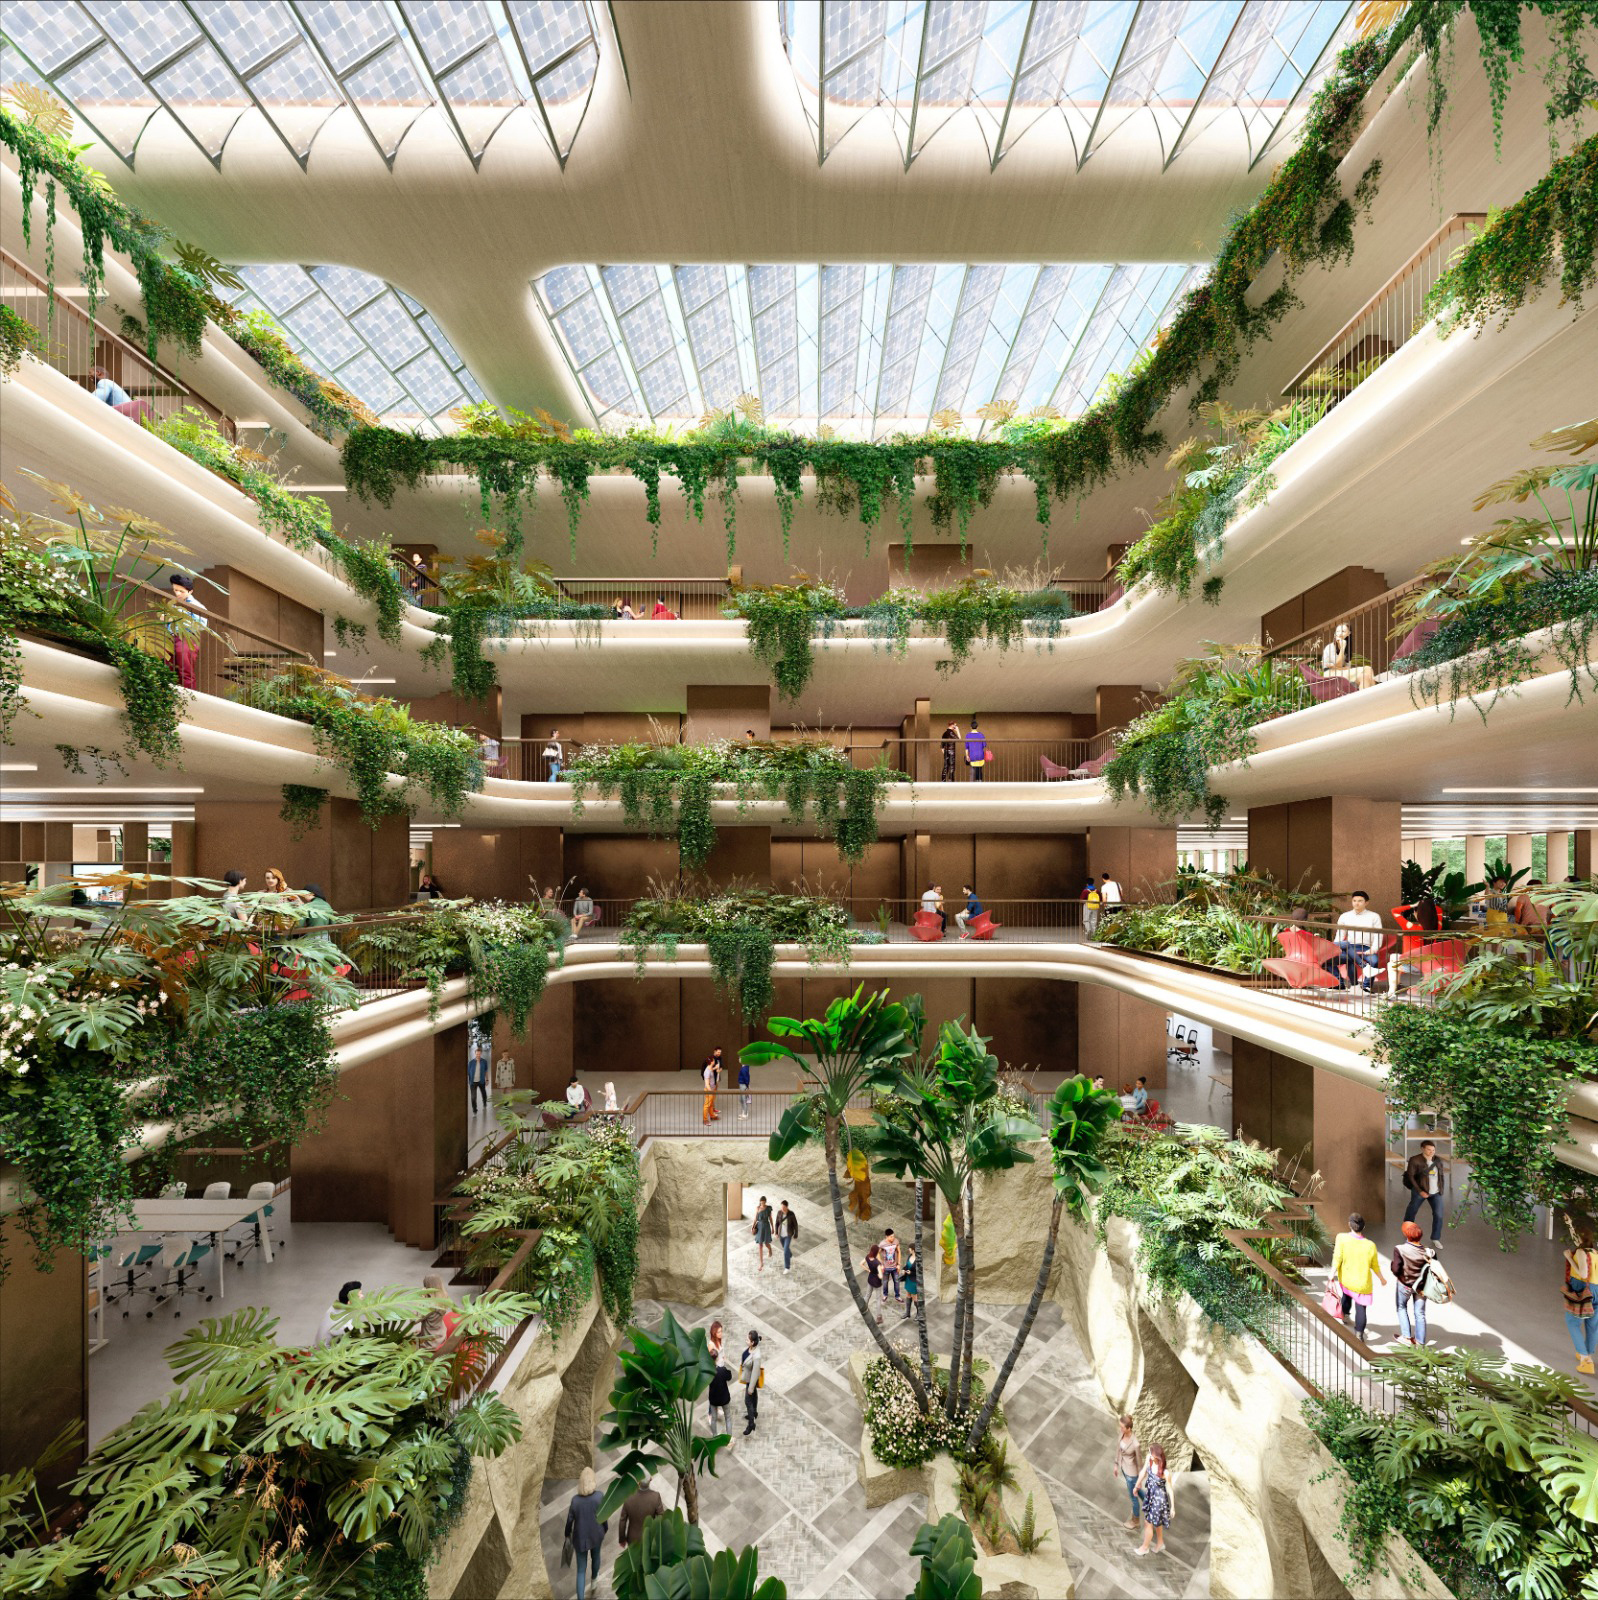 El interior del edificio, rodeado de plantas y árboles.